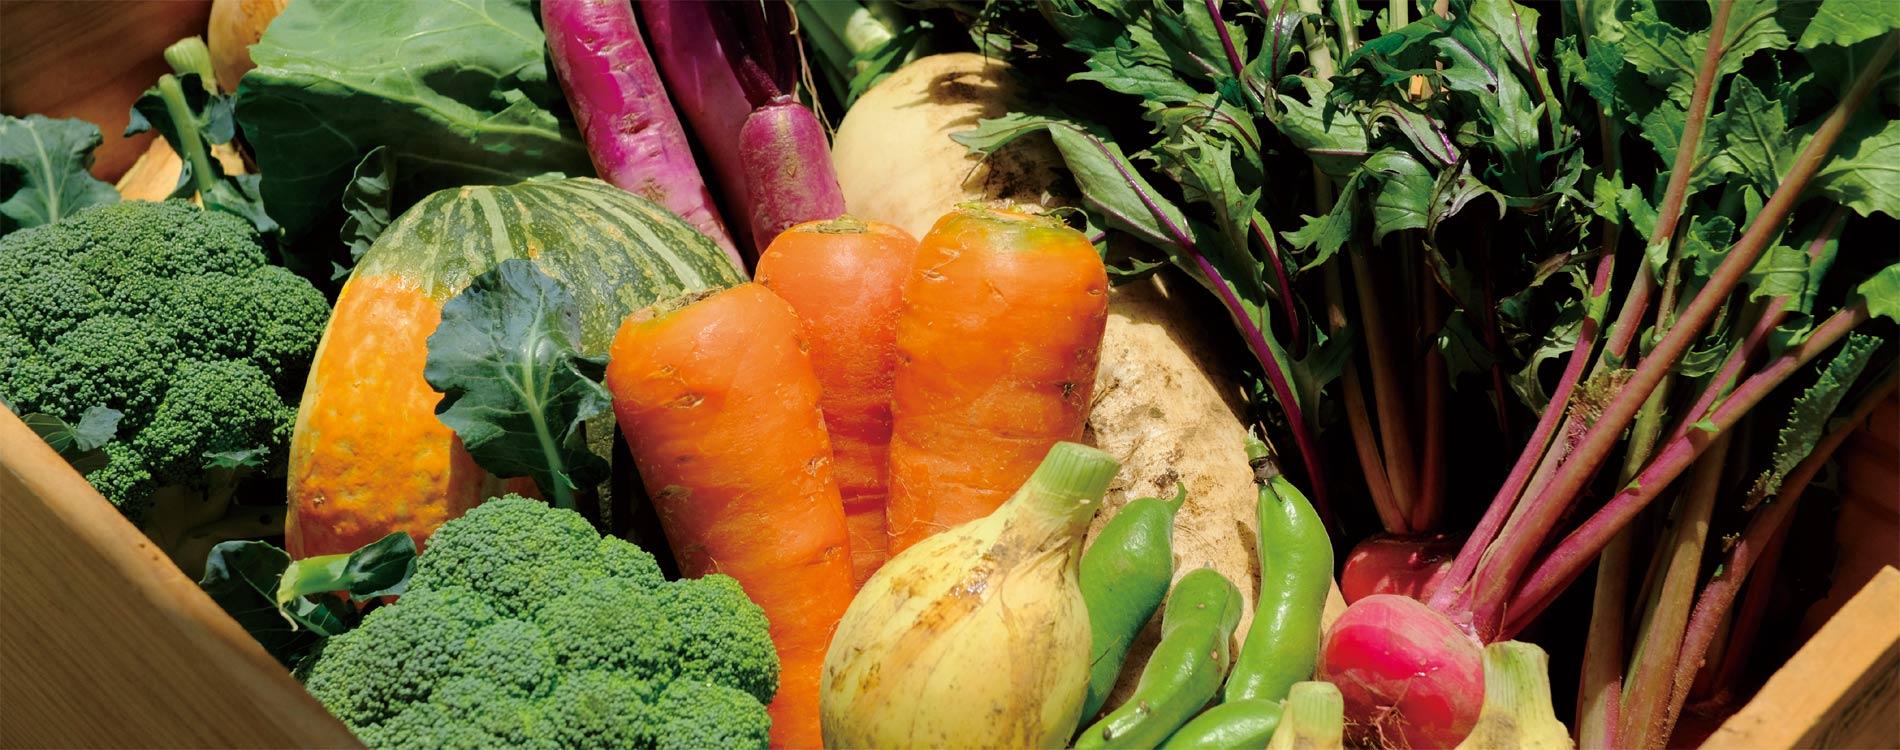 有機野菜の商品画像